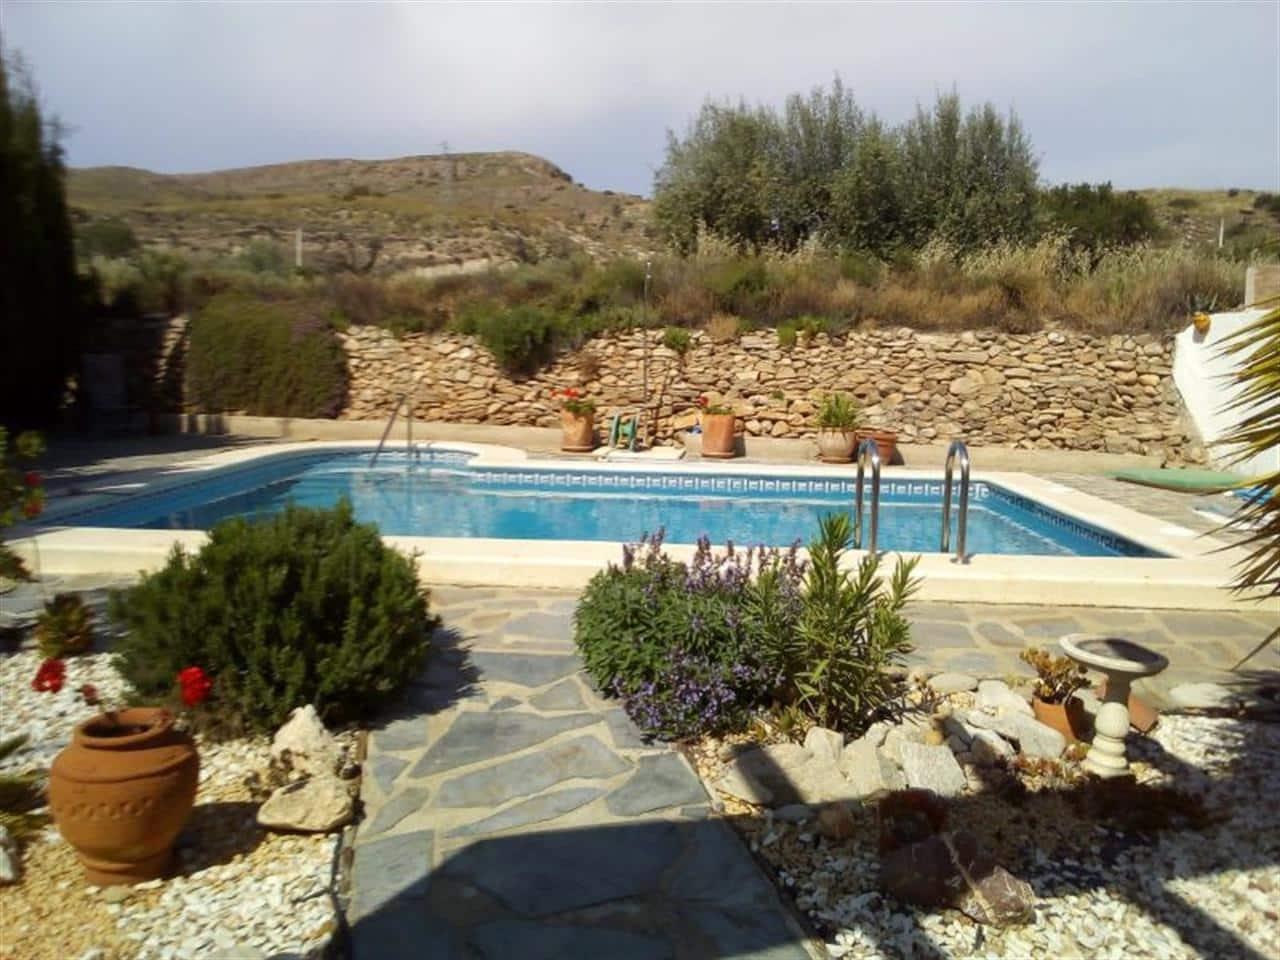 Chalet de 3 habitaciones en Cariatiz en venta con piscina - 185.000 € (Ref: 5147300)